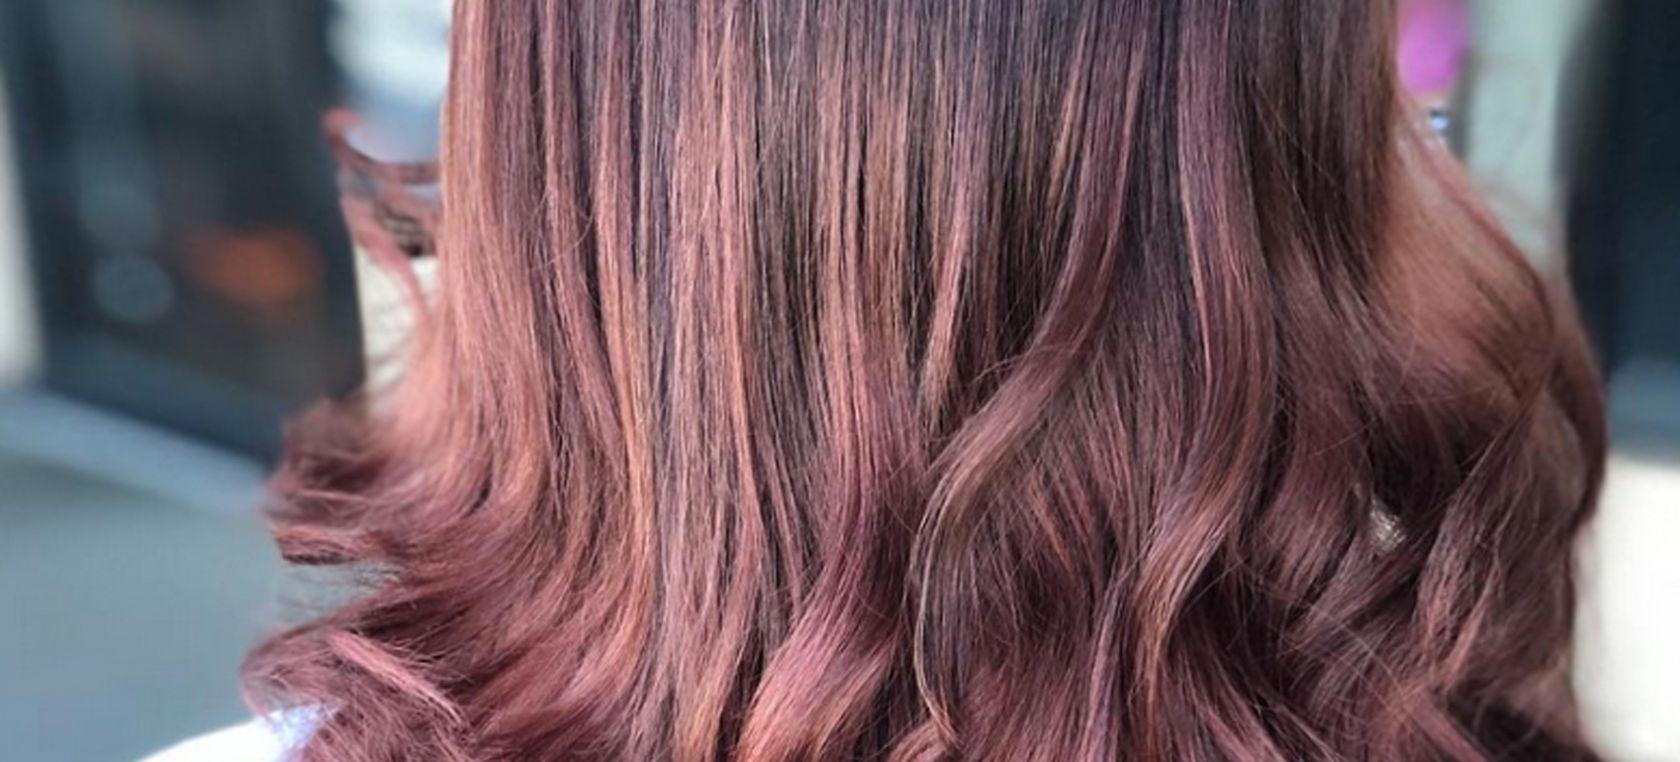 Strawberry Brunette: Tono para morenas | Tendencias 2019 para cabello  teñido | Moda y Belleza | LOS40 México